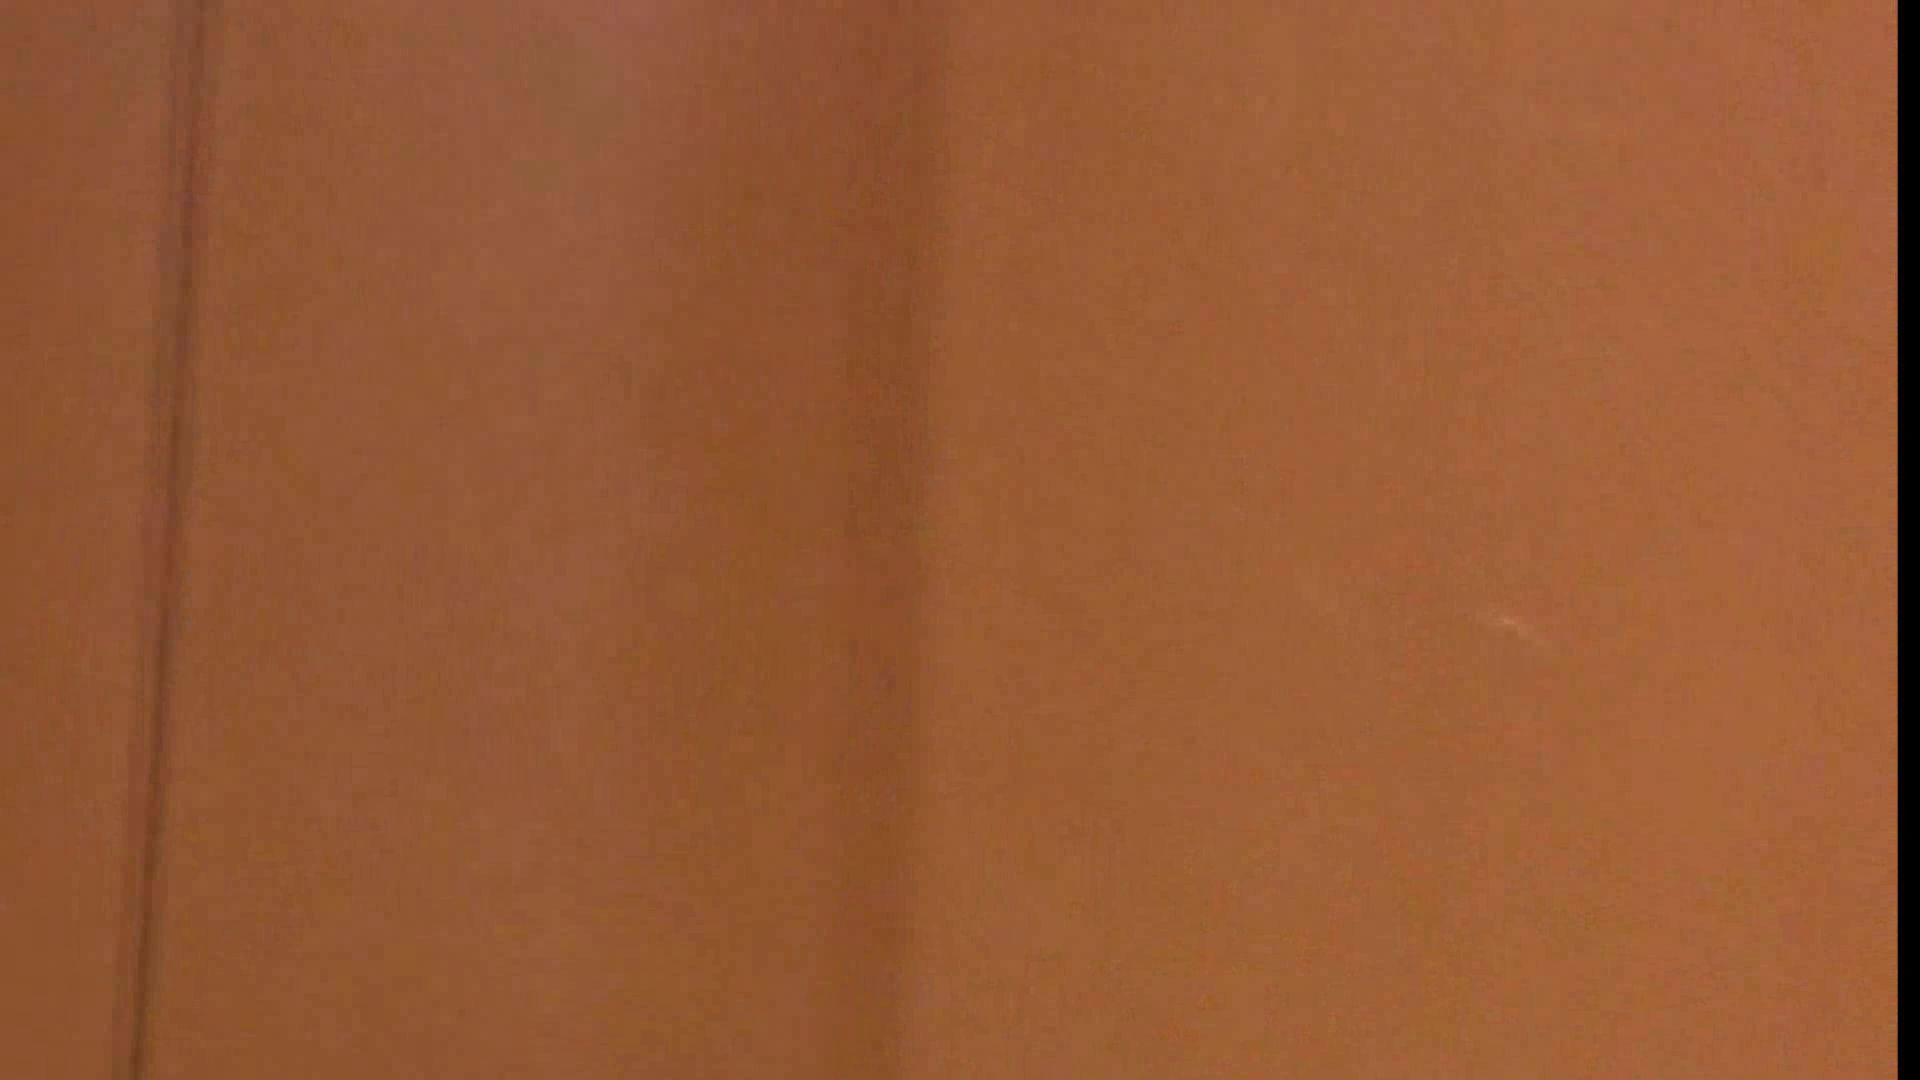 隣国化粧室下から御免!! No.07 美女のボディ | 洗面所  92PIX 49